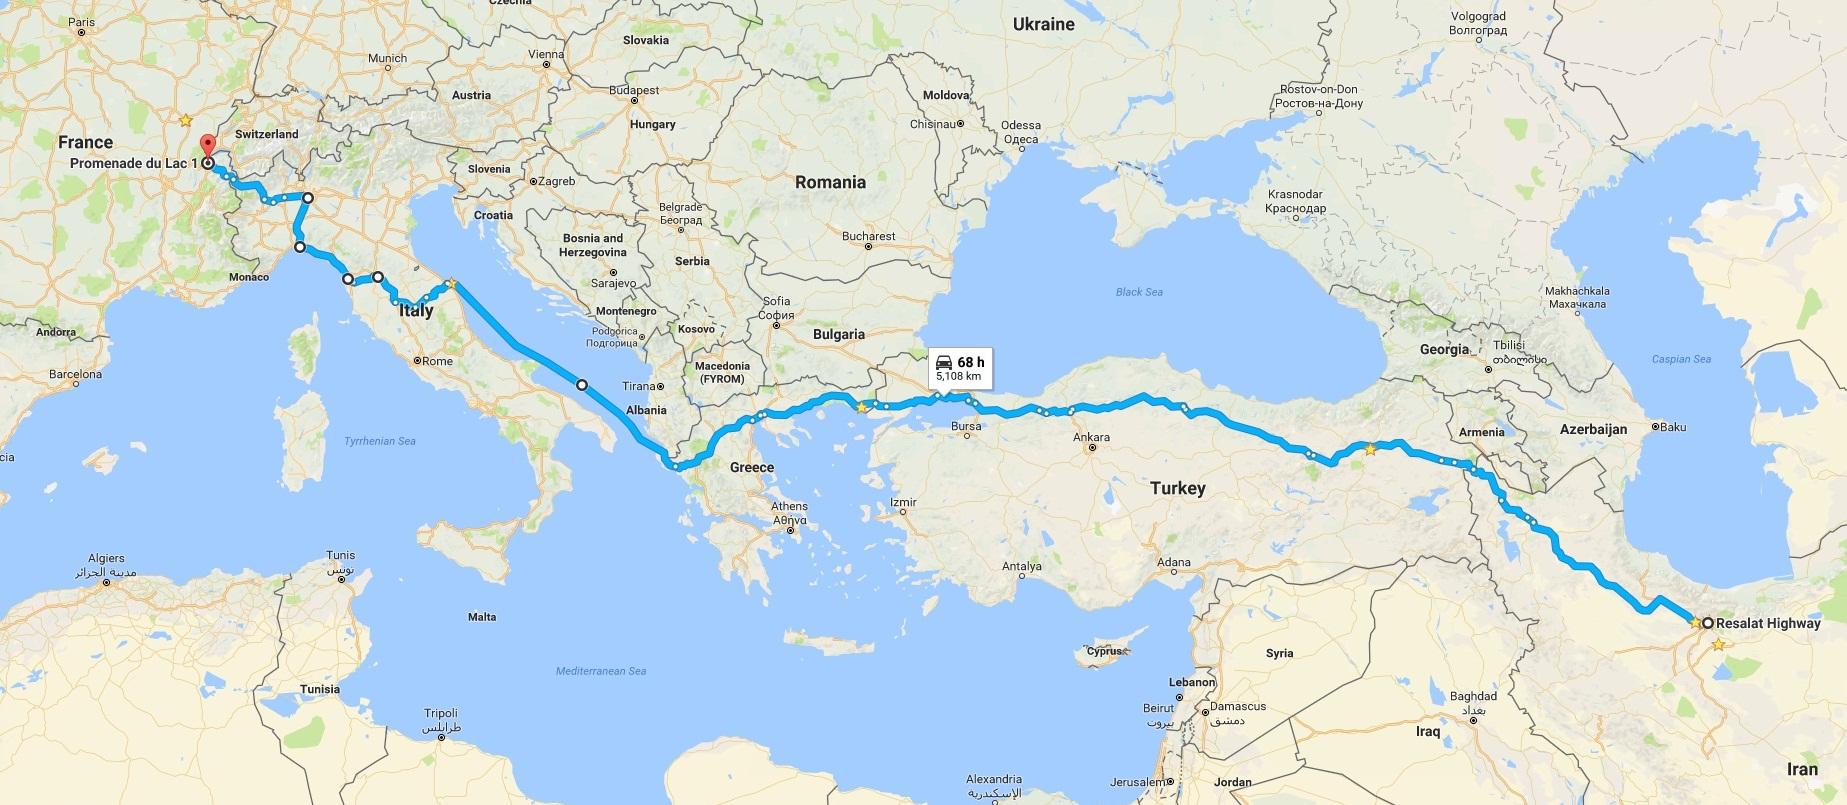 مسیر حرکت از تهران به سوئیس